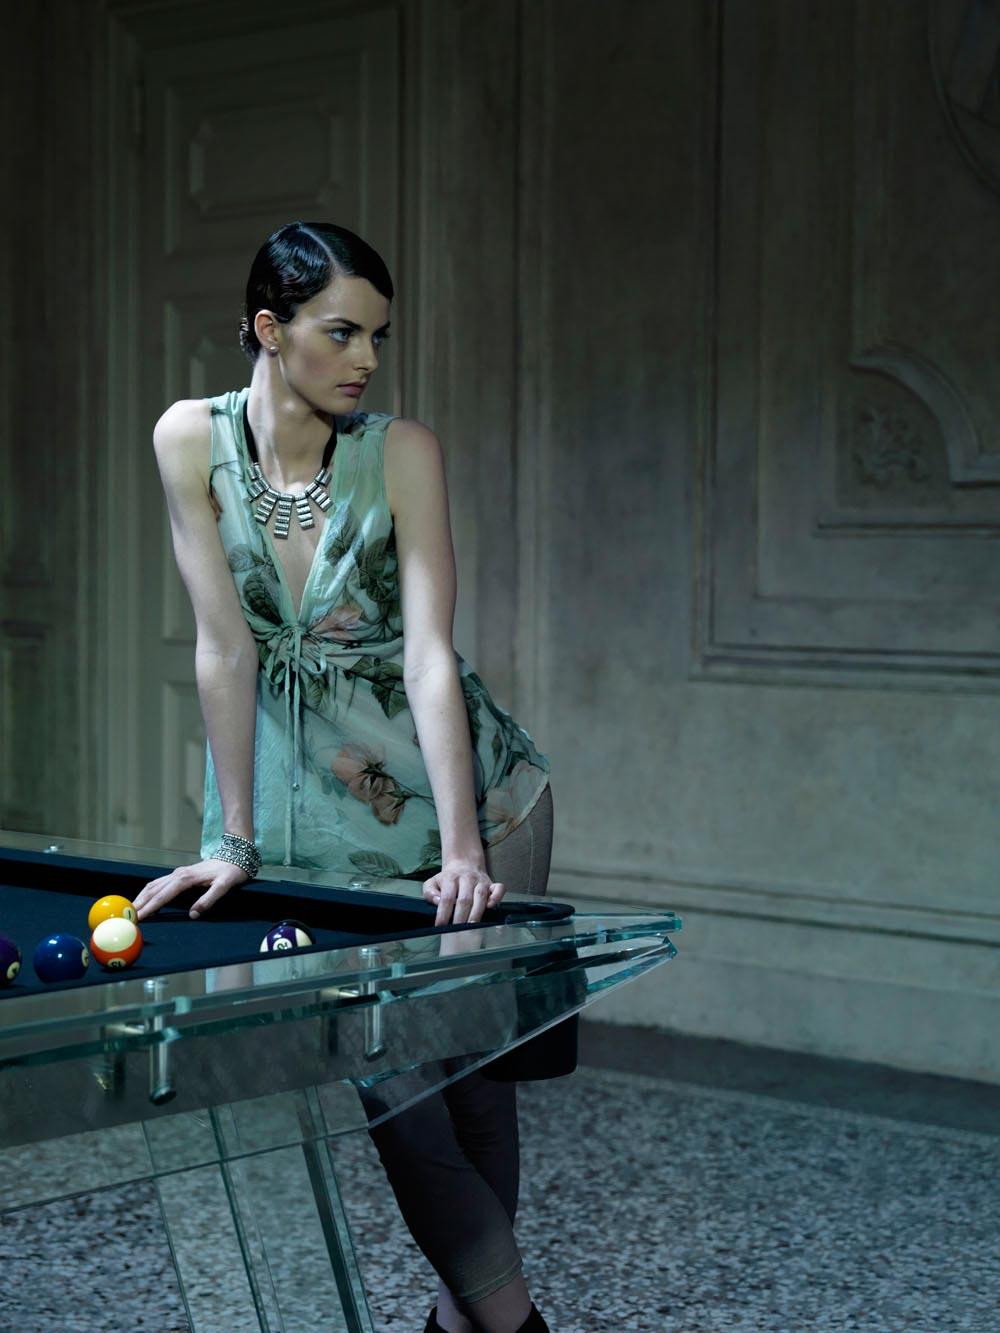 Crystal Pool Table Filotto von Calma e Gesso 3